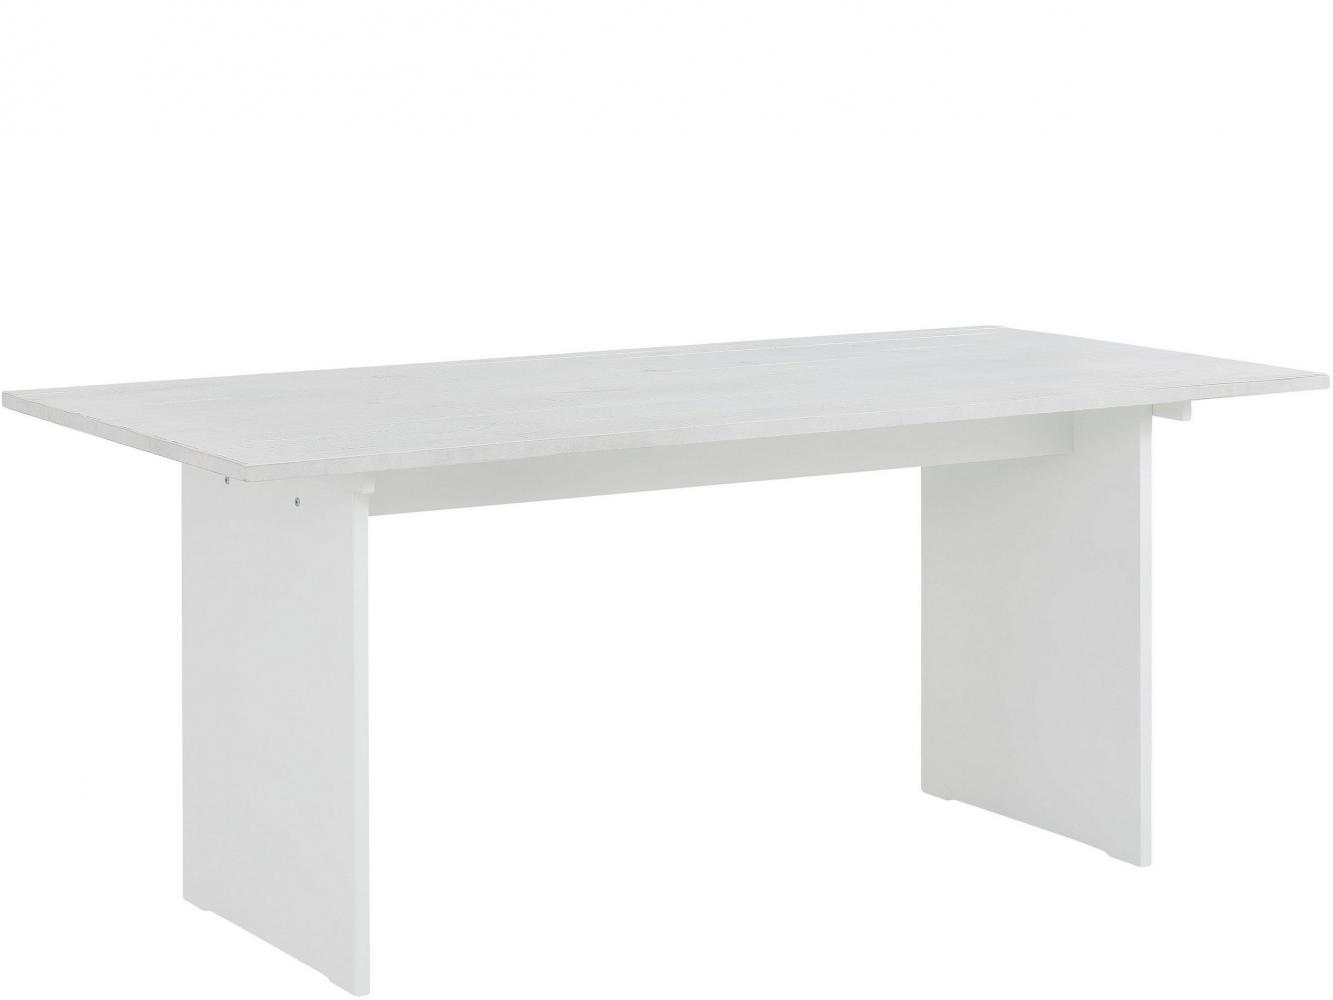 Jídelní stůl Morgen, 180 cm, bílá